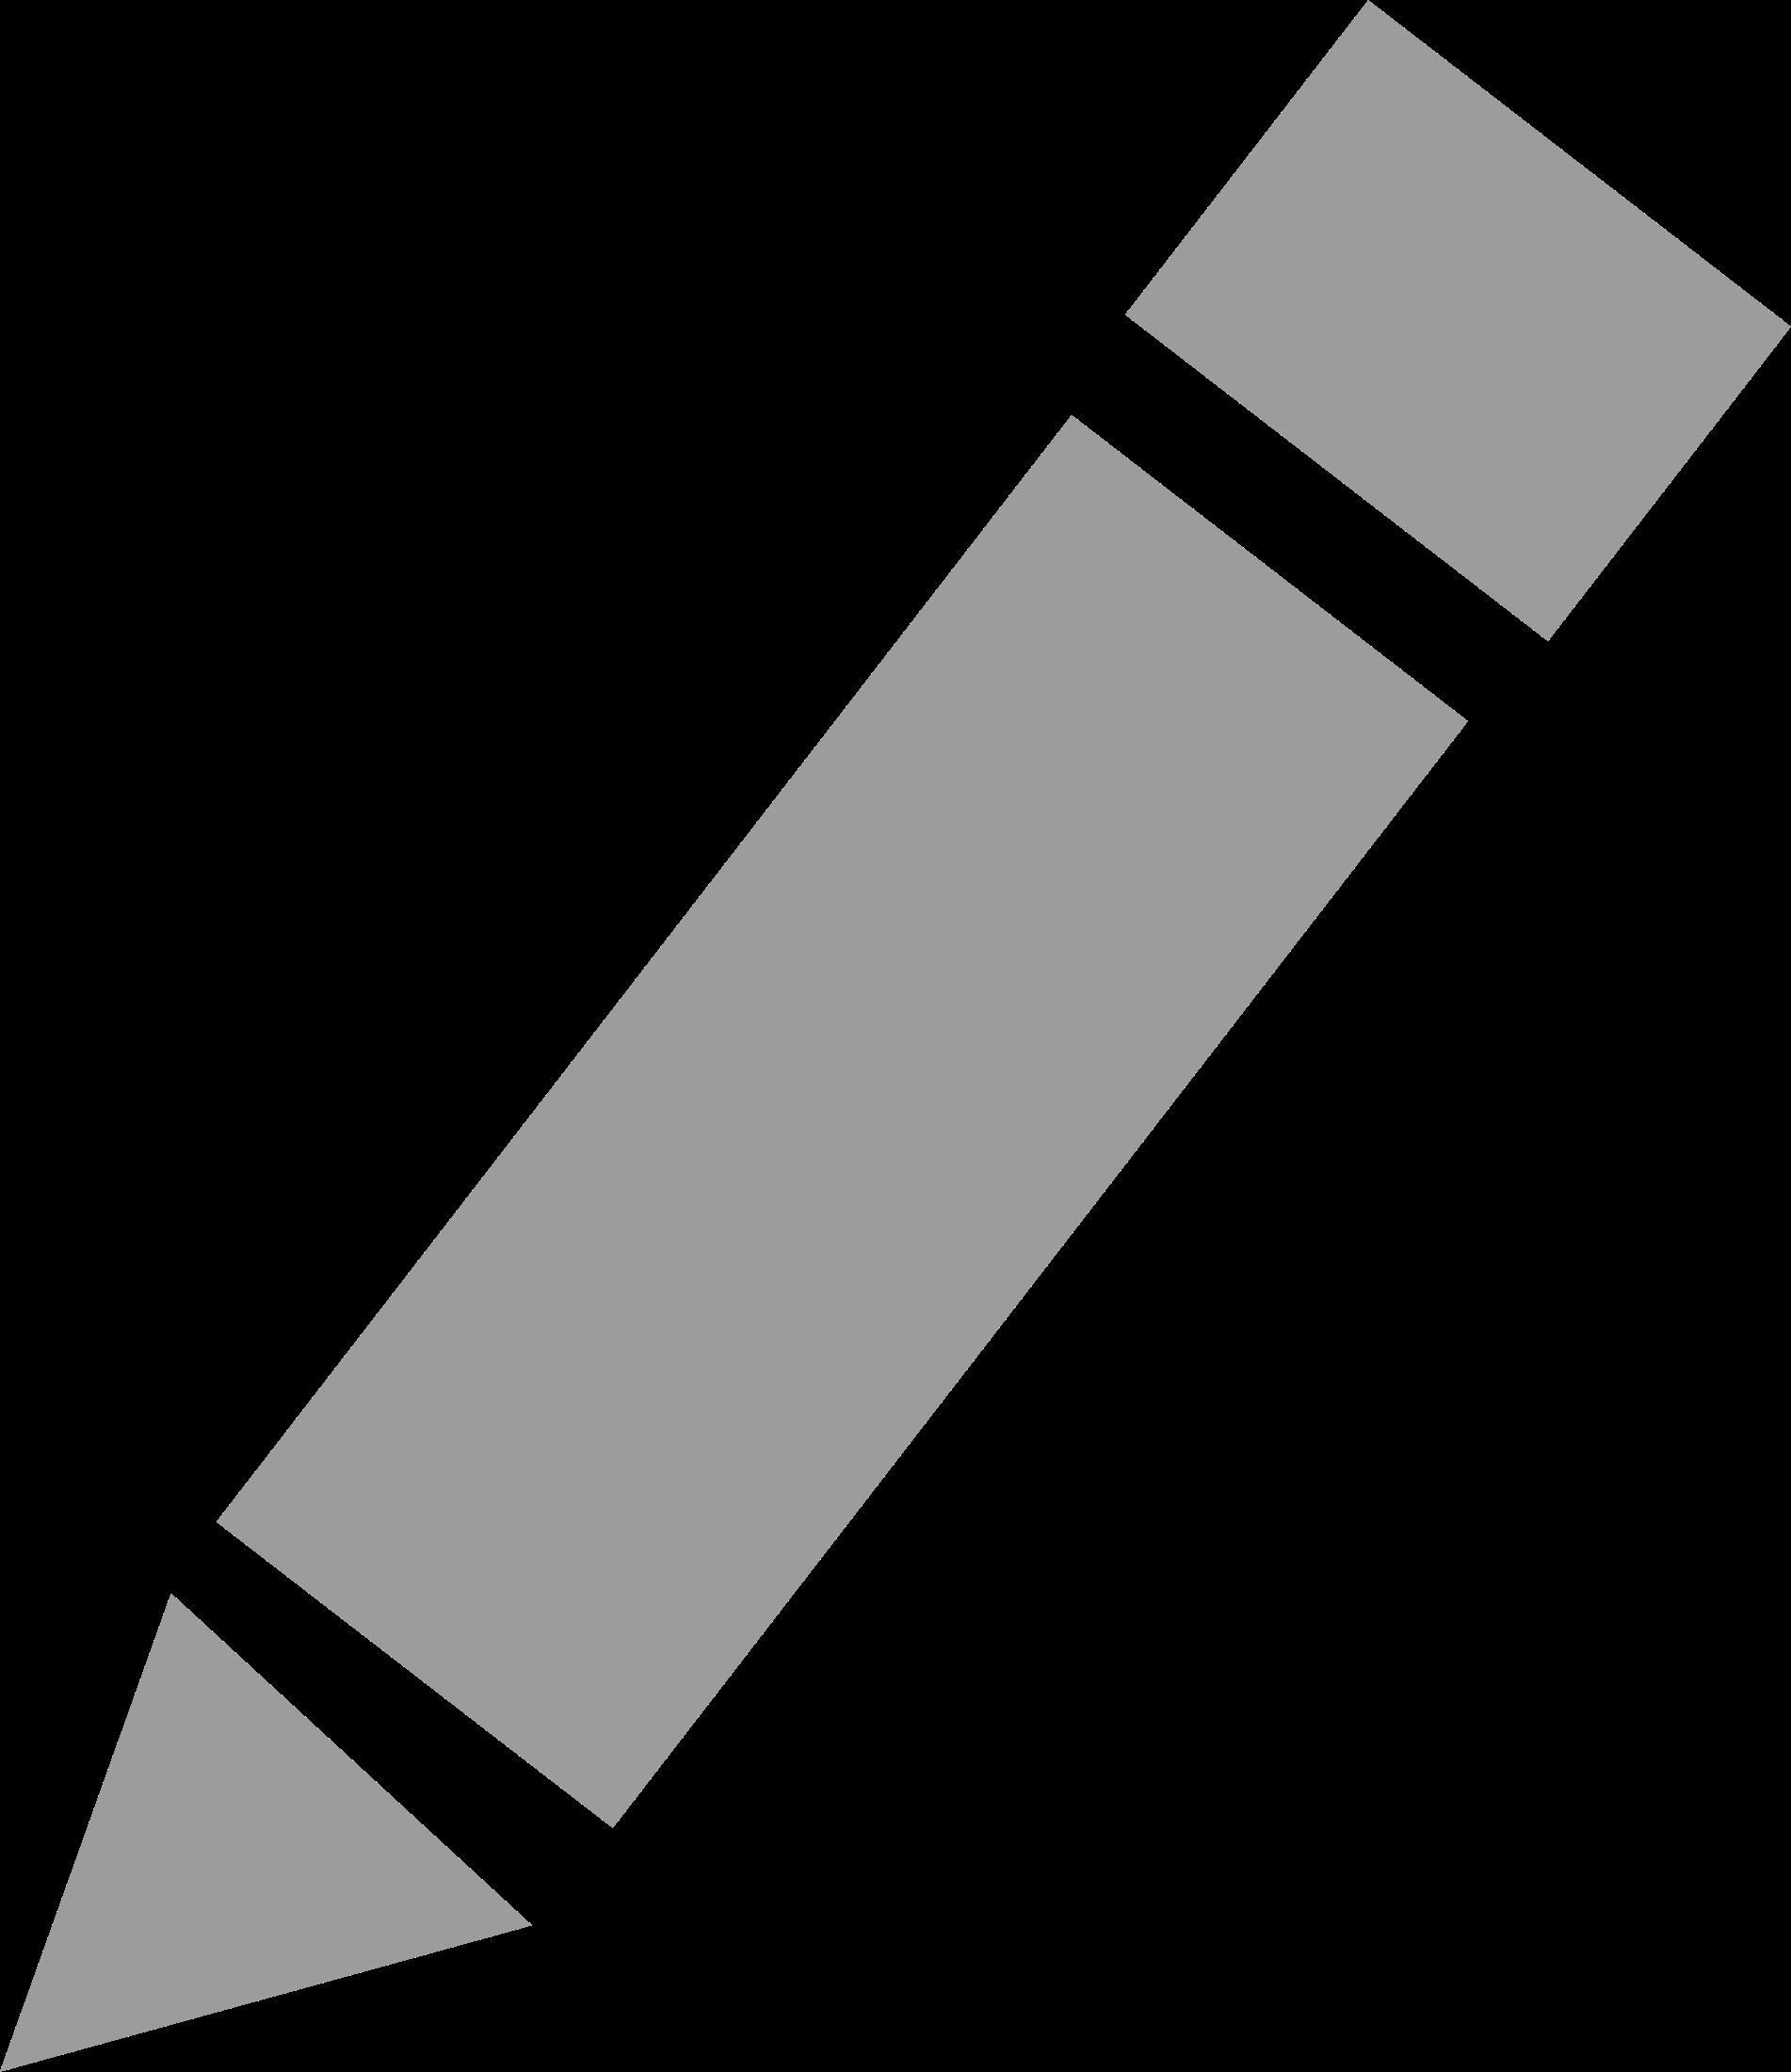 Grey small pencil icon. Pencils clipart simple